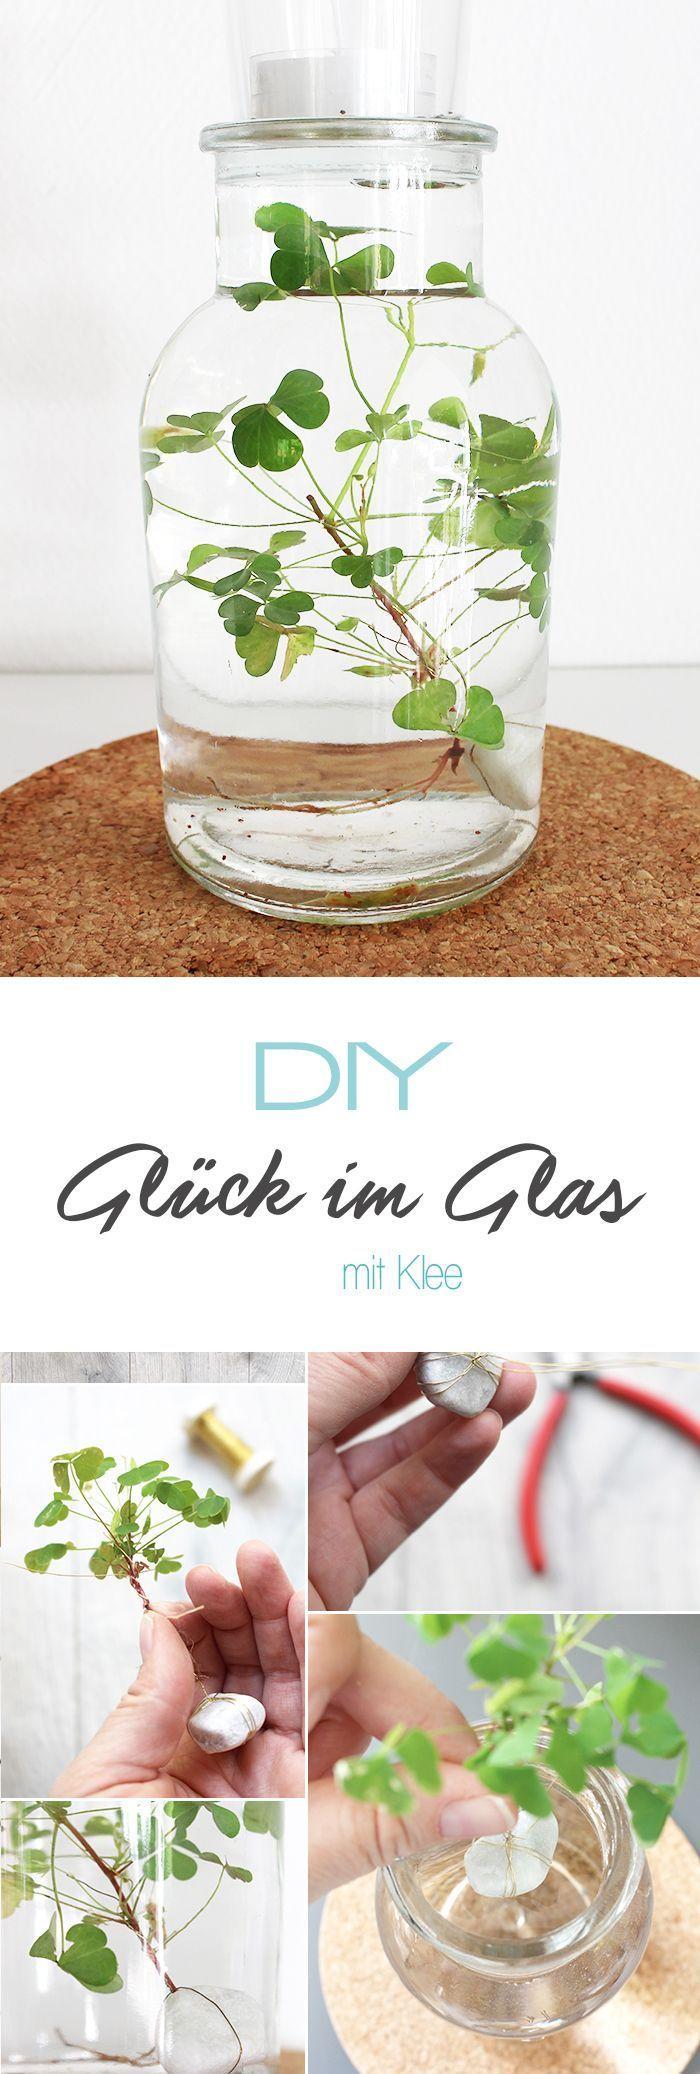 Dani von Gingered Things zeigt dir auf ihrem DIY-Blog, wie man aus Klee …   – TOP-Pins: ♥ Eure beliebtesten Pins ♥